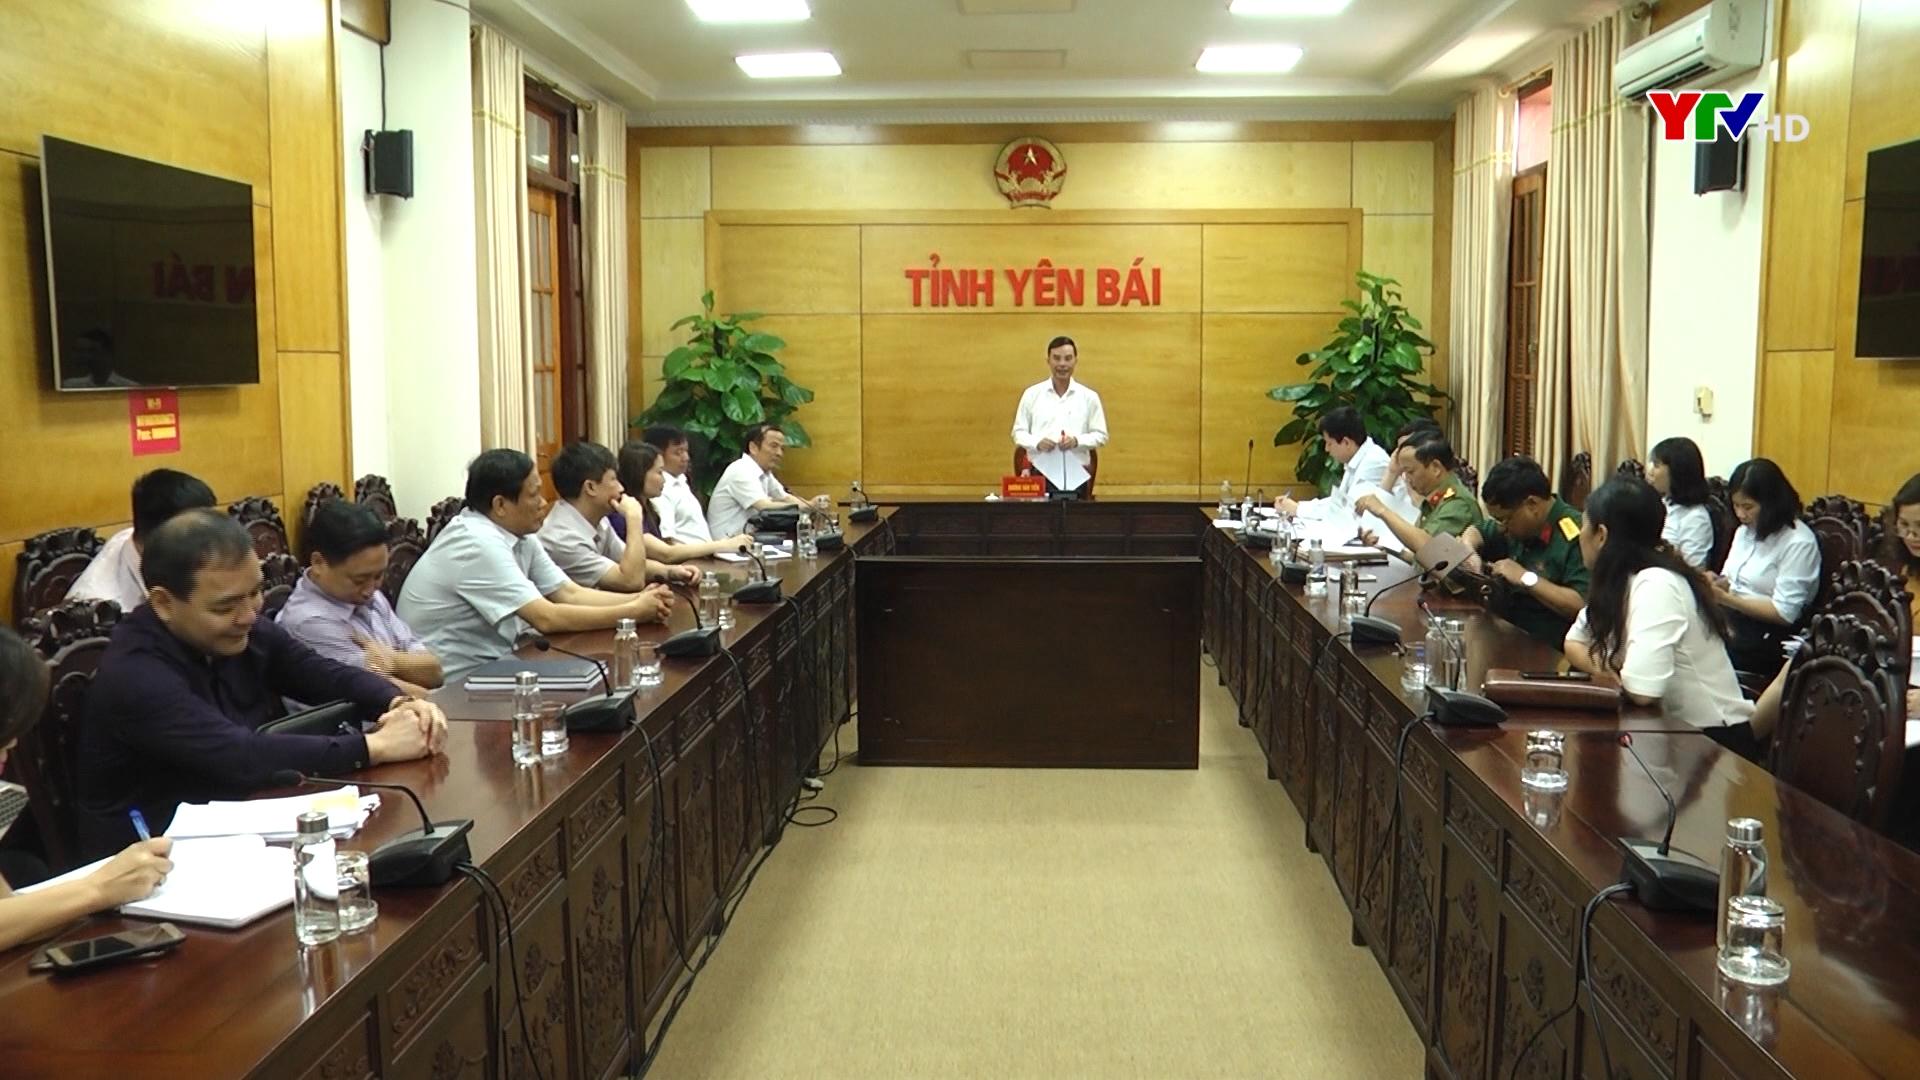 Hội đồng Thi đua khen thưởng tỉnh xét duyệt các hình thức khen thưởng bậc cao